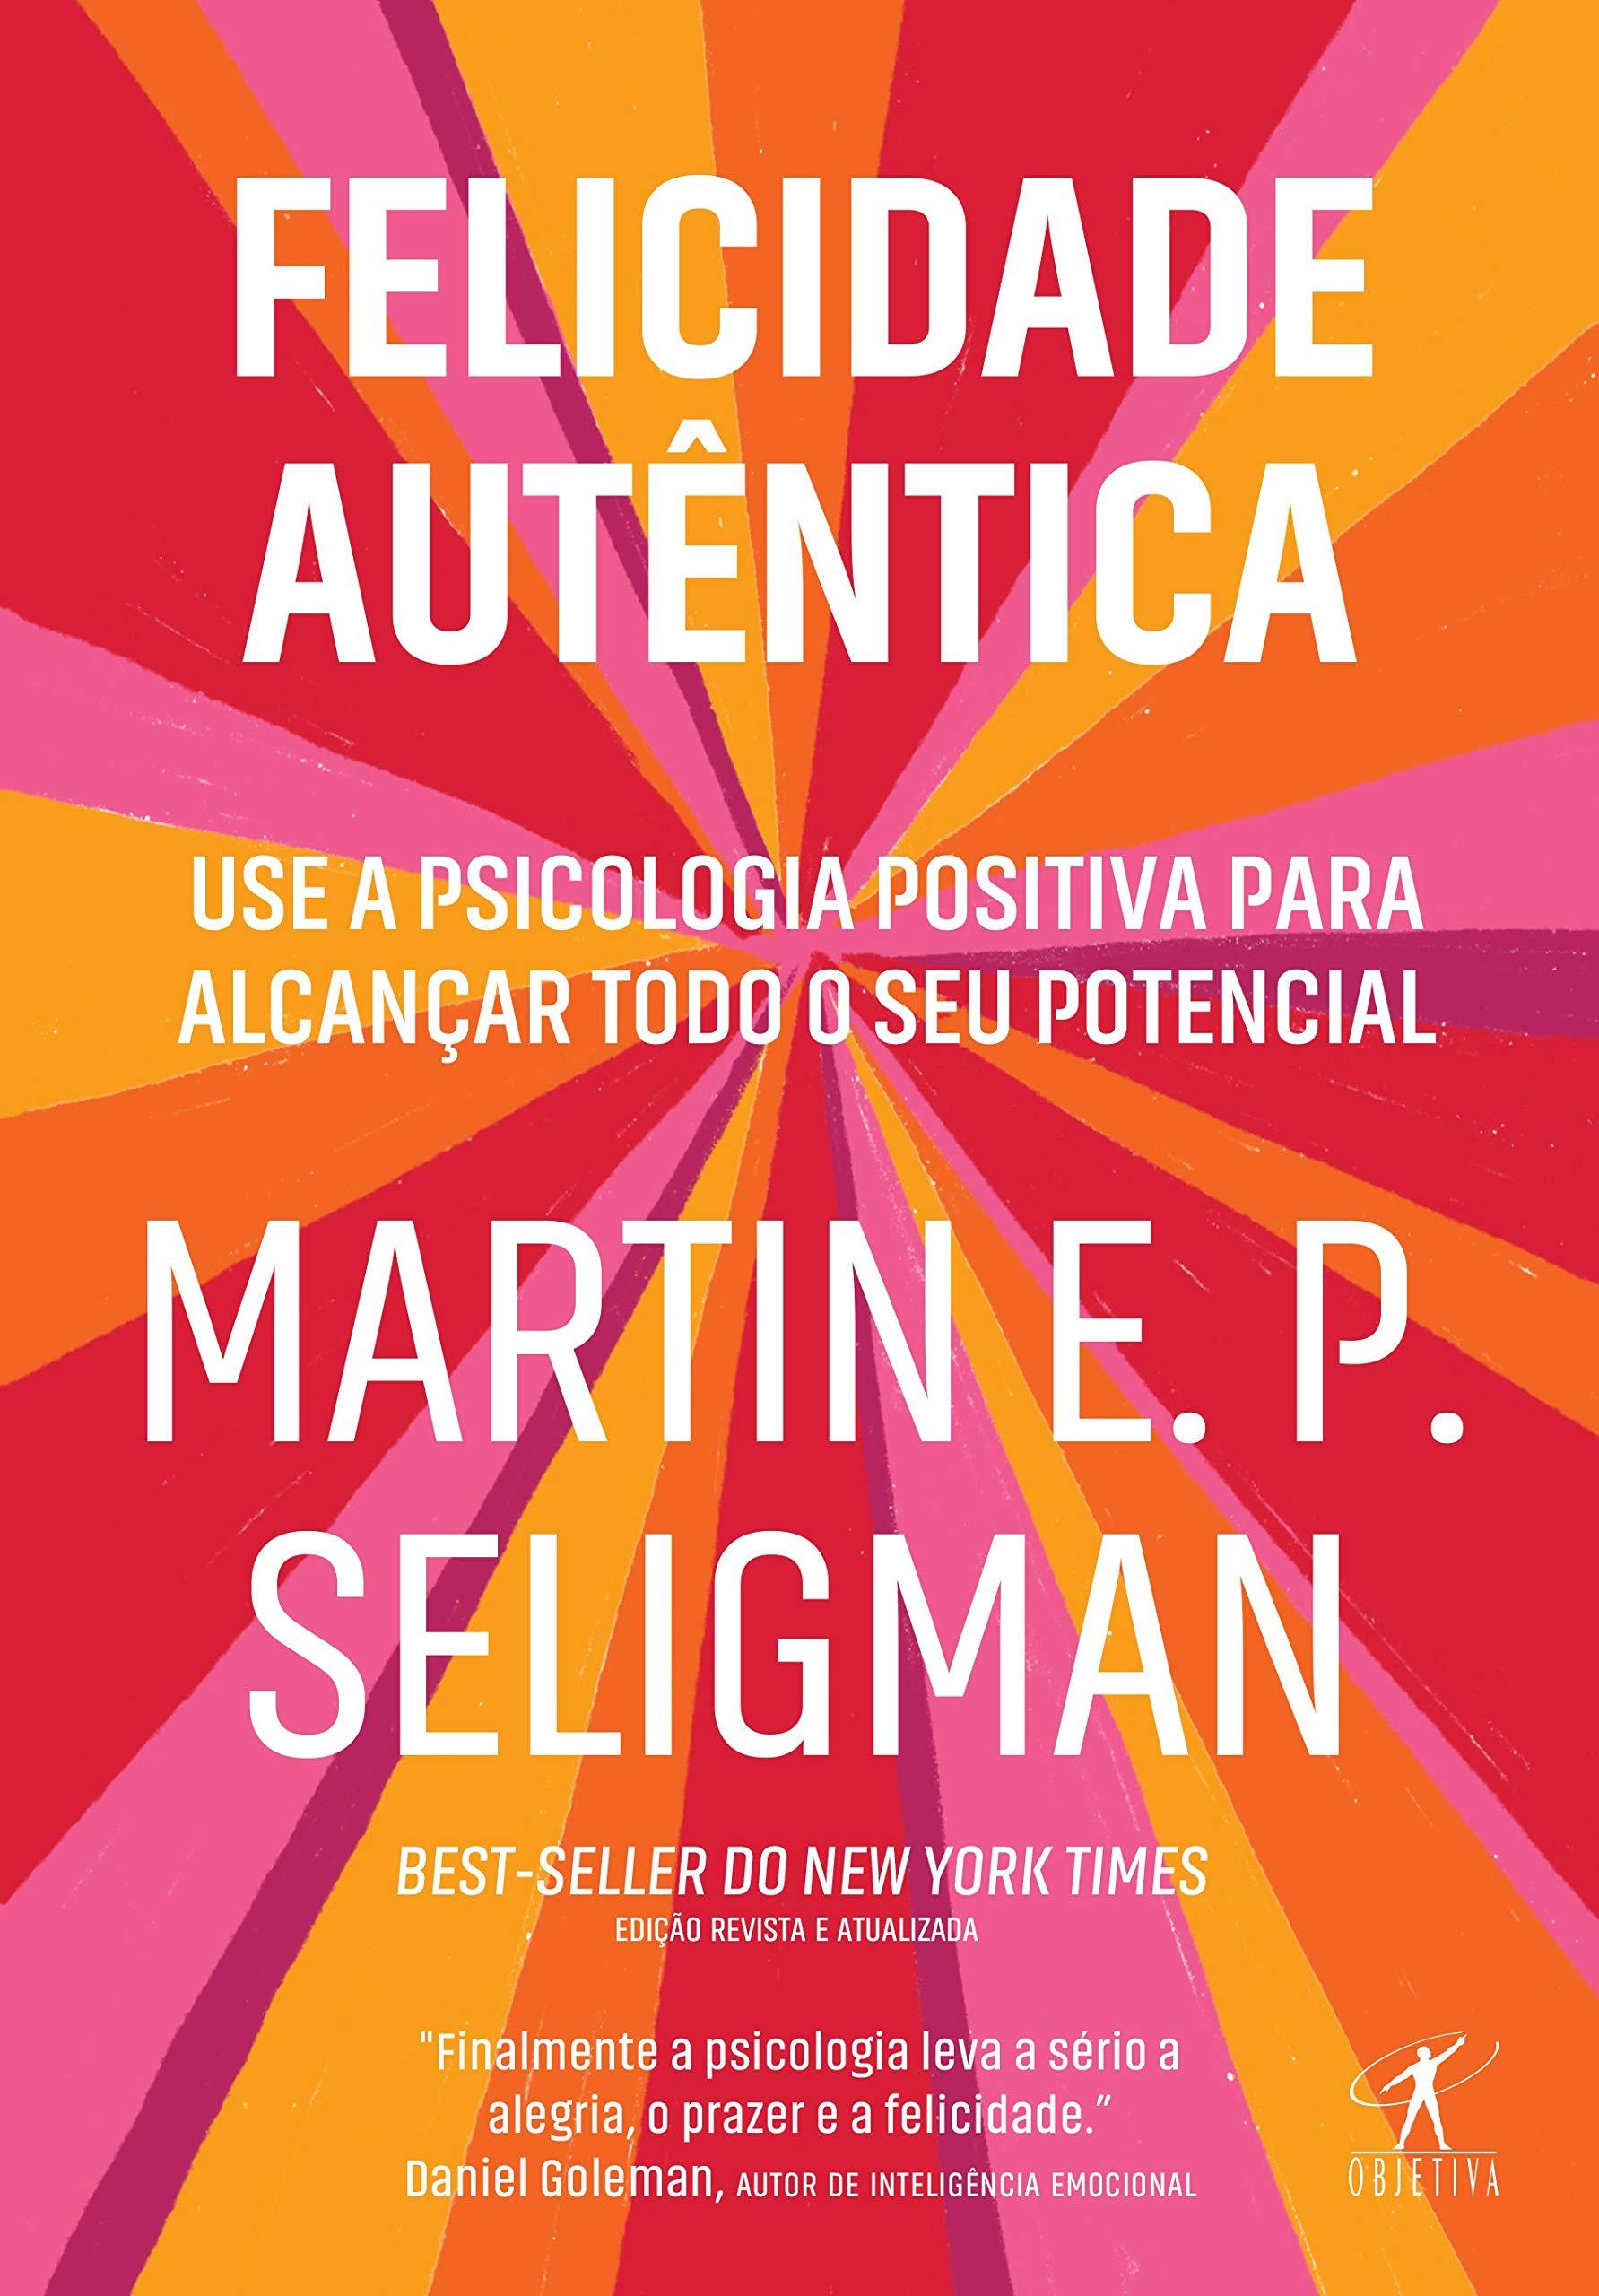 Leia online PDF de 'Felicidade autêntica' de Martin E. P